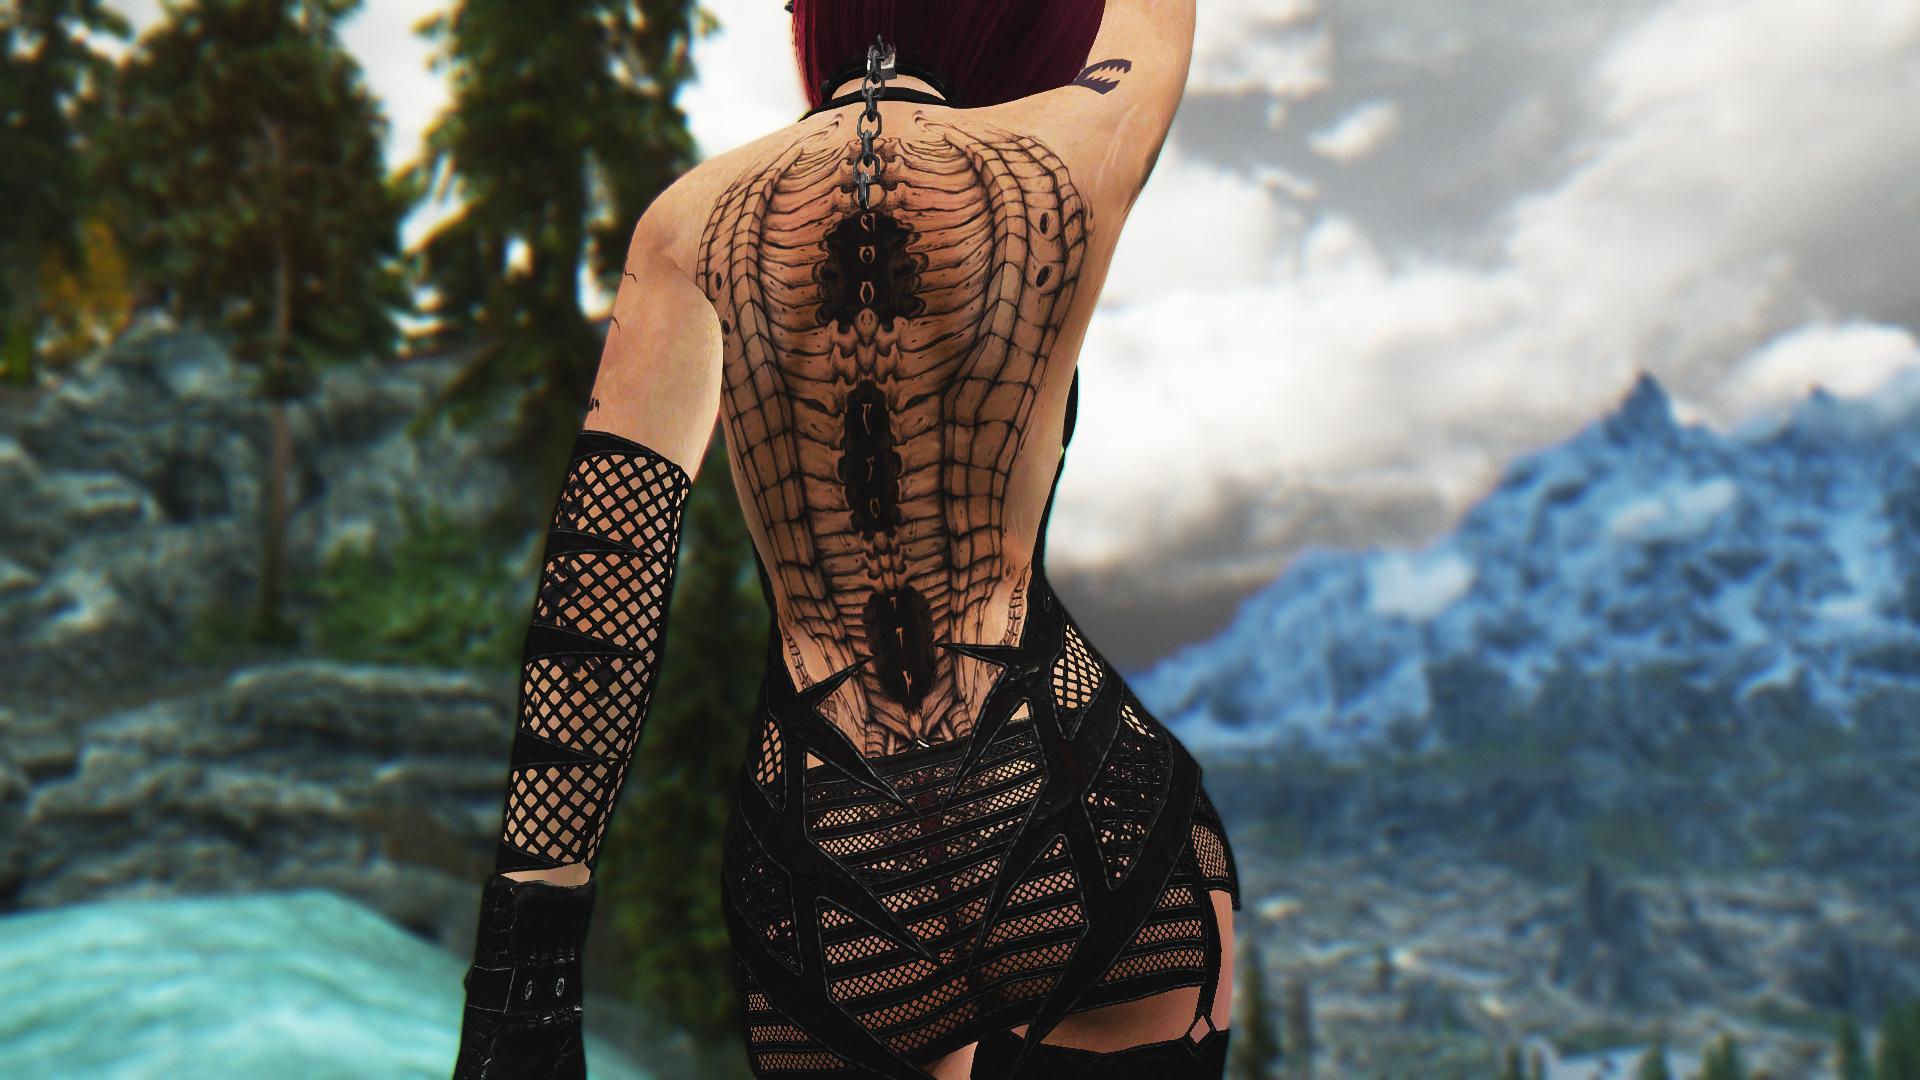 Skyrim tattoo mod